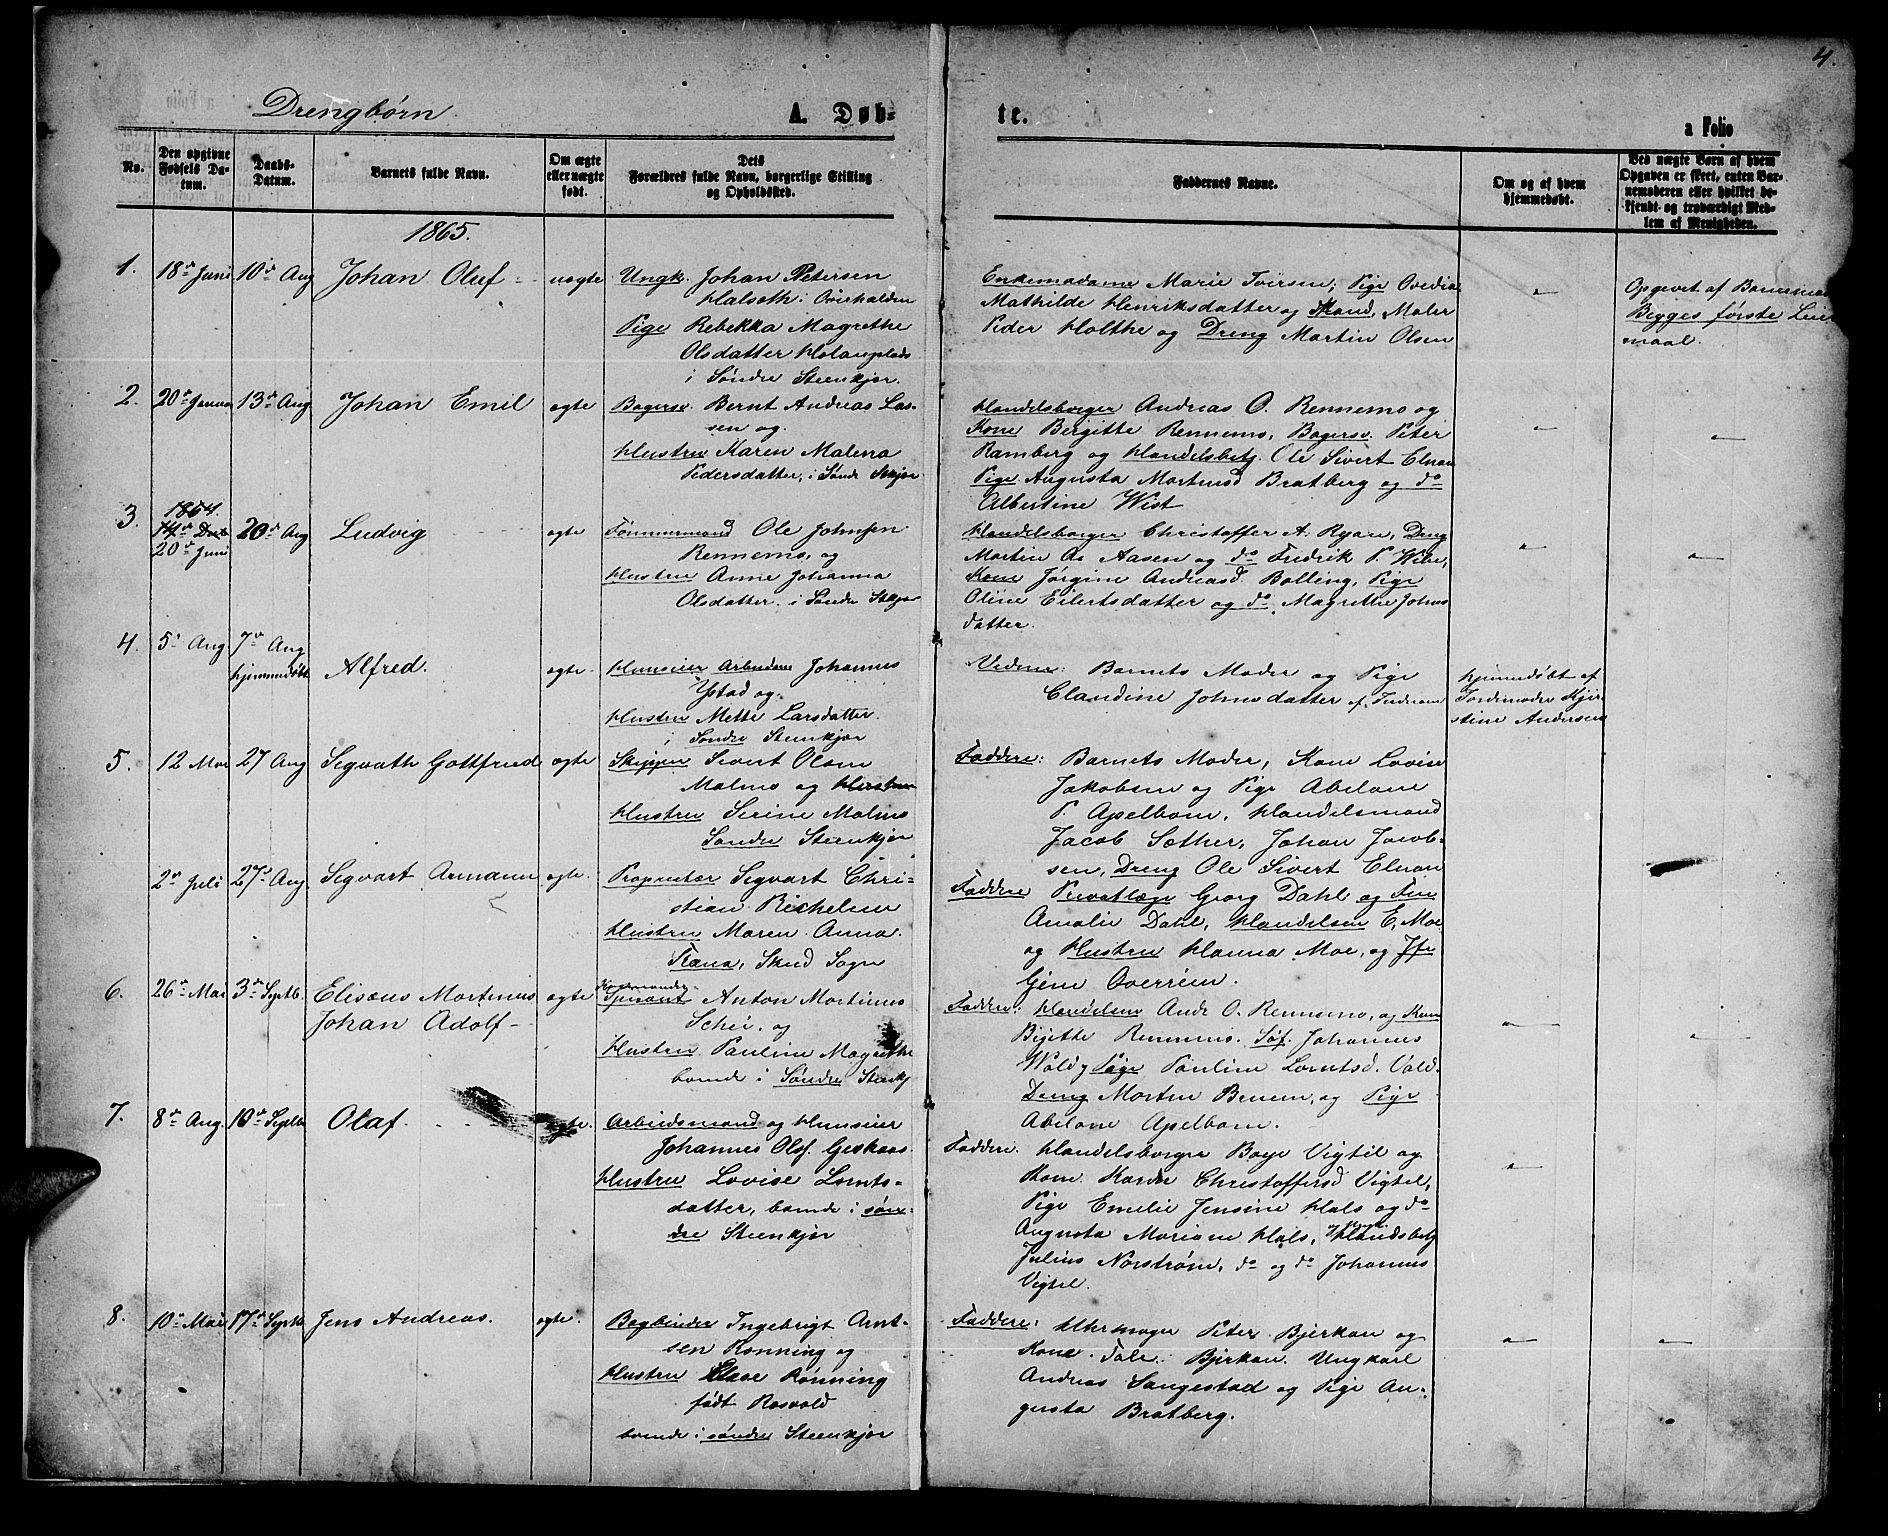 SAT, Ministerialprotokoller, klokkerbøker og fødselsregistre - Nord-Trøndelag, 739/L0373: Klokkerbok nr. 739C01, 1865-1882, s. 4